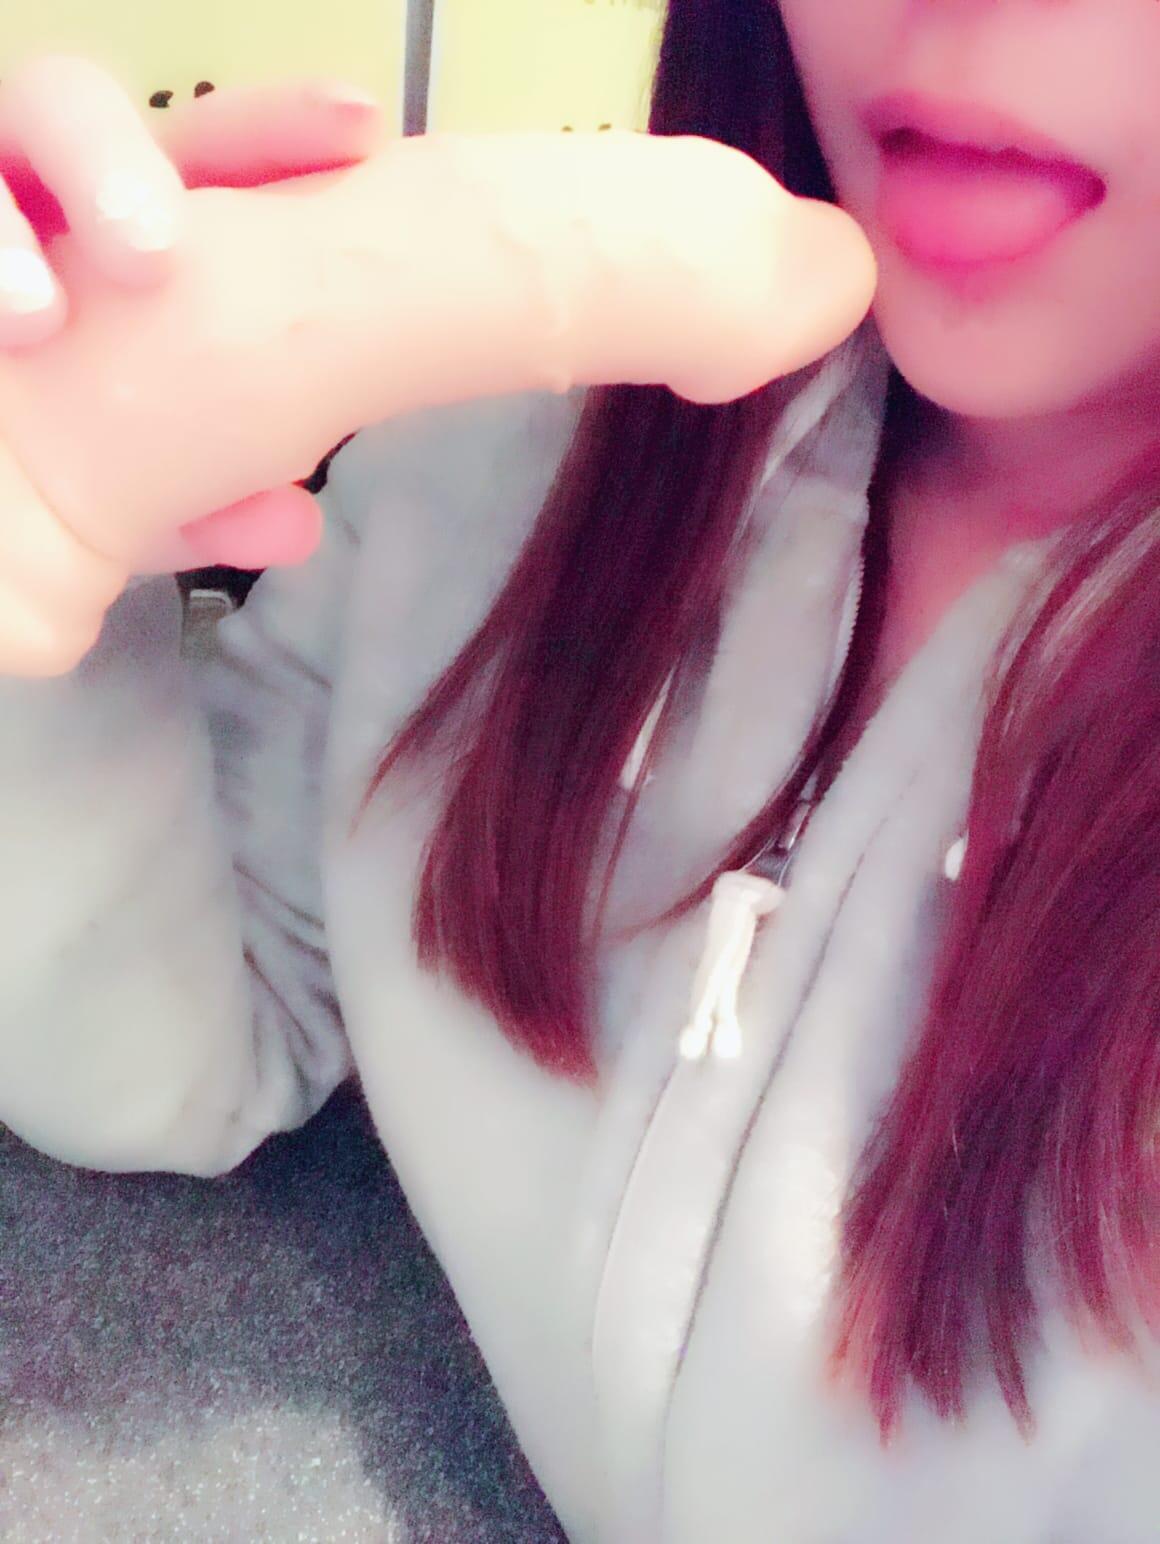 ぱるる「変更(._.)」10/23(月) 08:31 | ぱるるの写メ・風俗動画